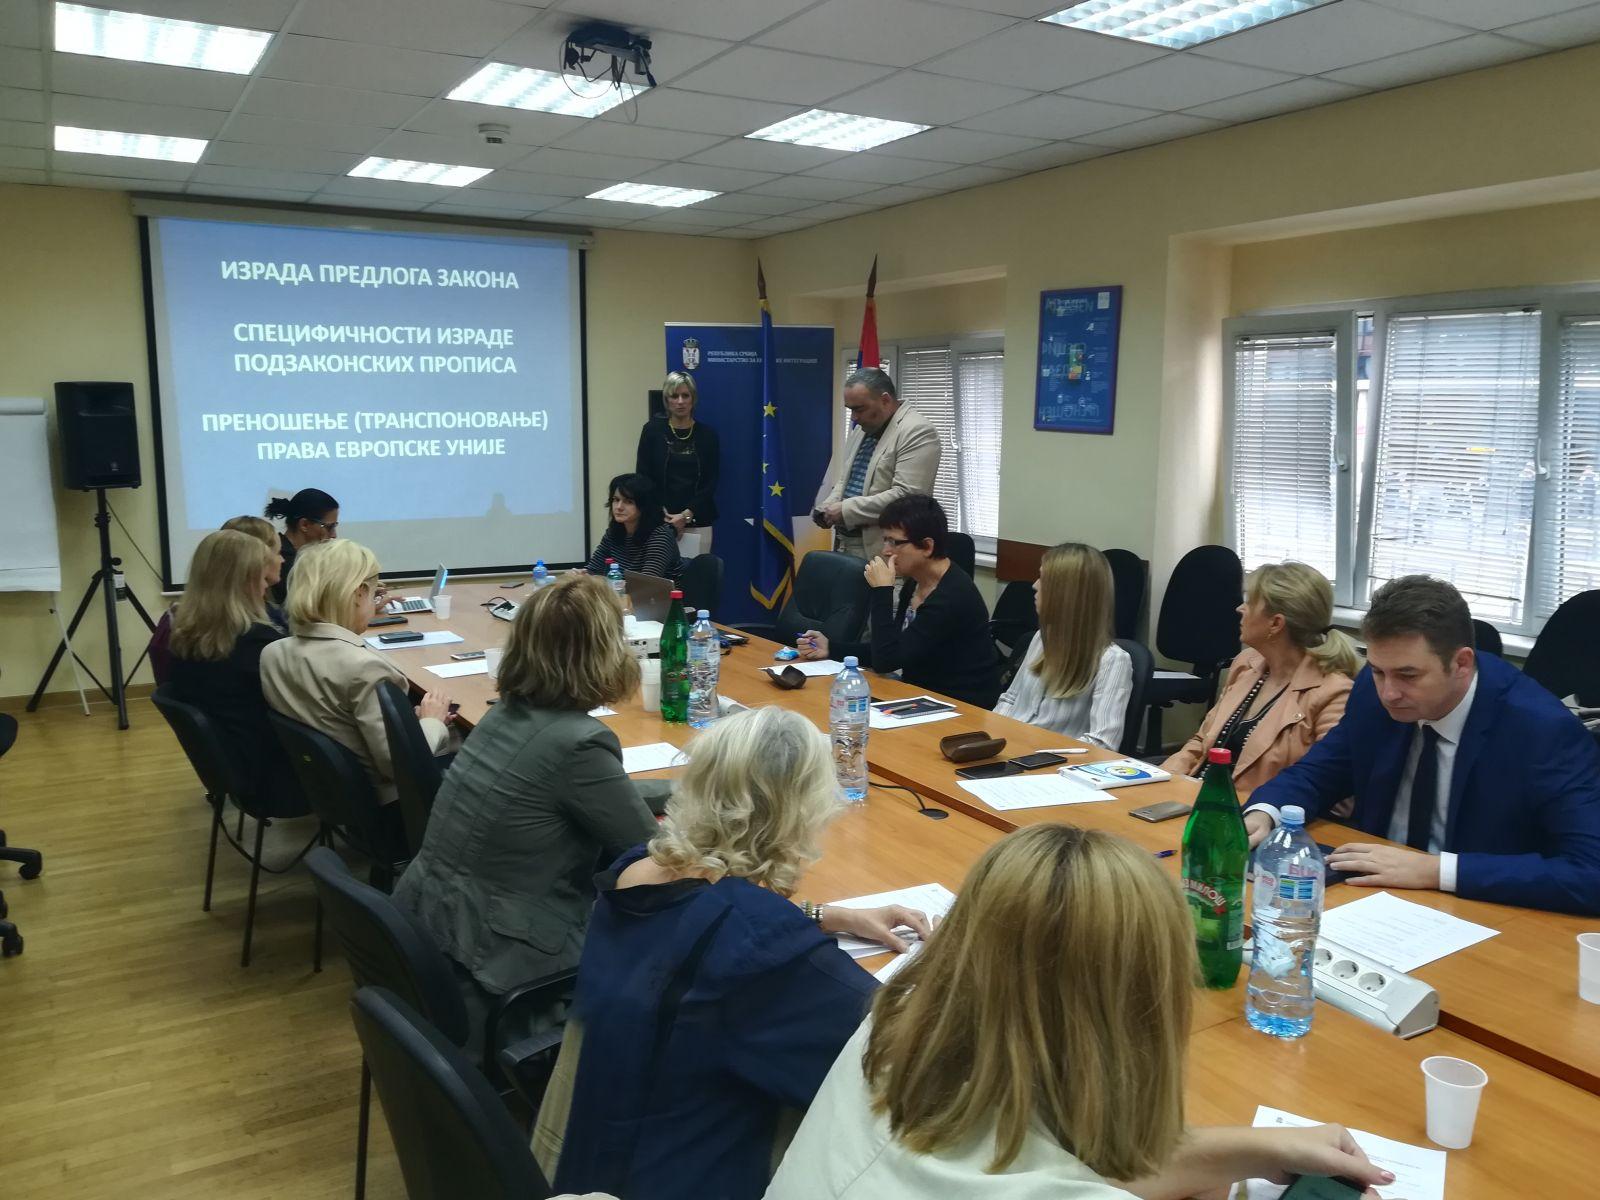 Организован семинар о изради националних прописа према прописима ЕУ